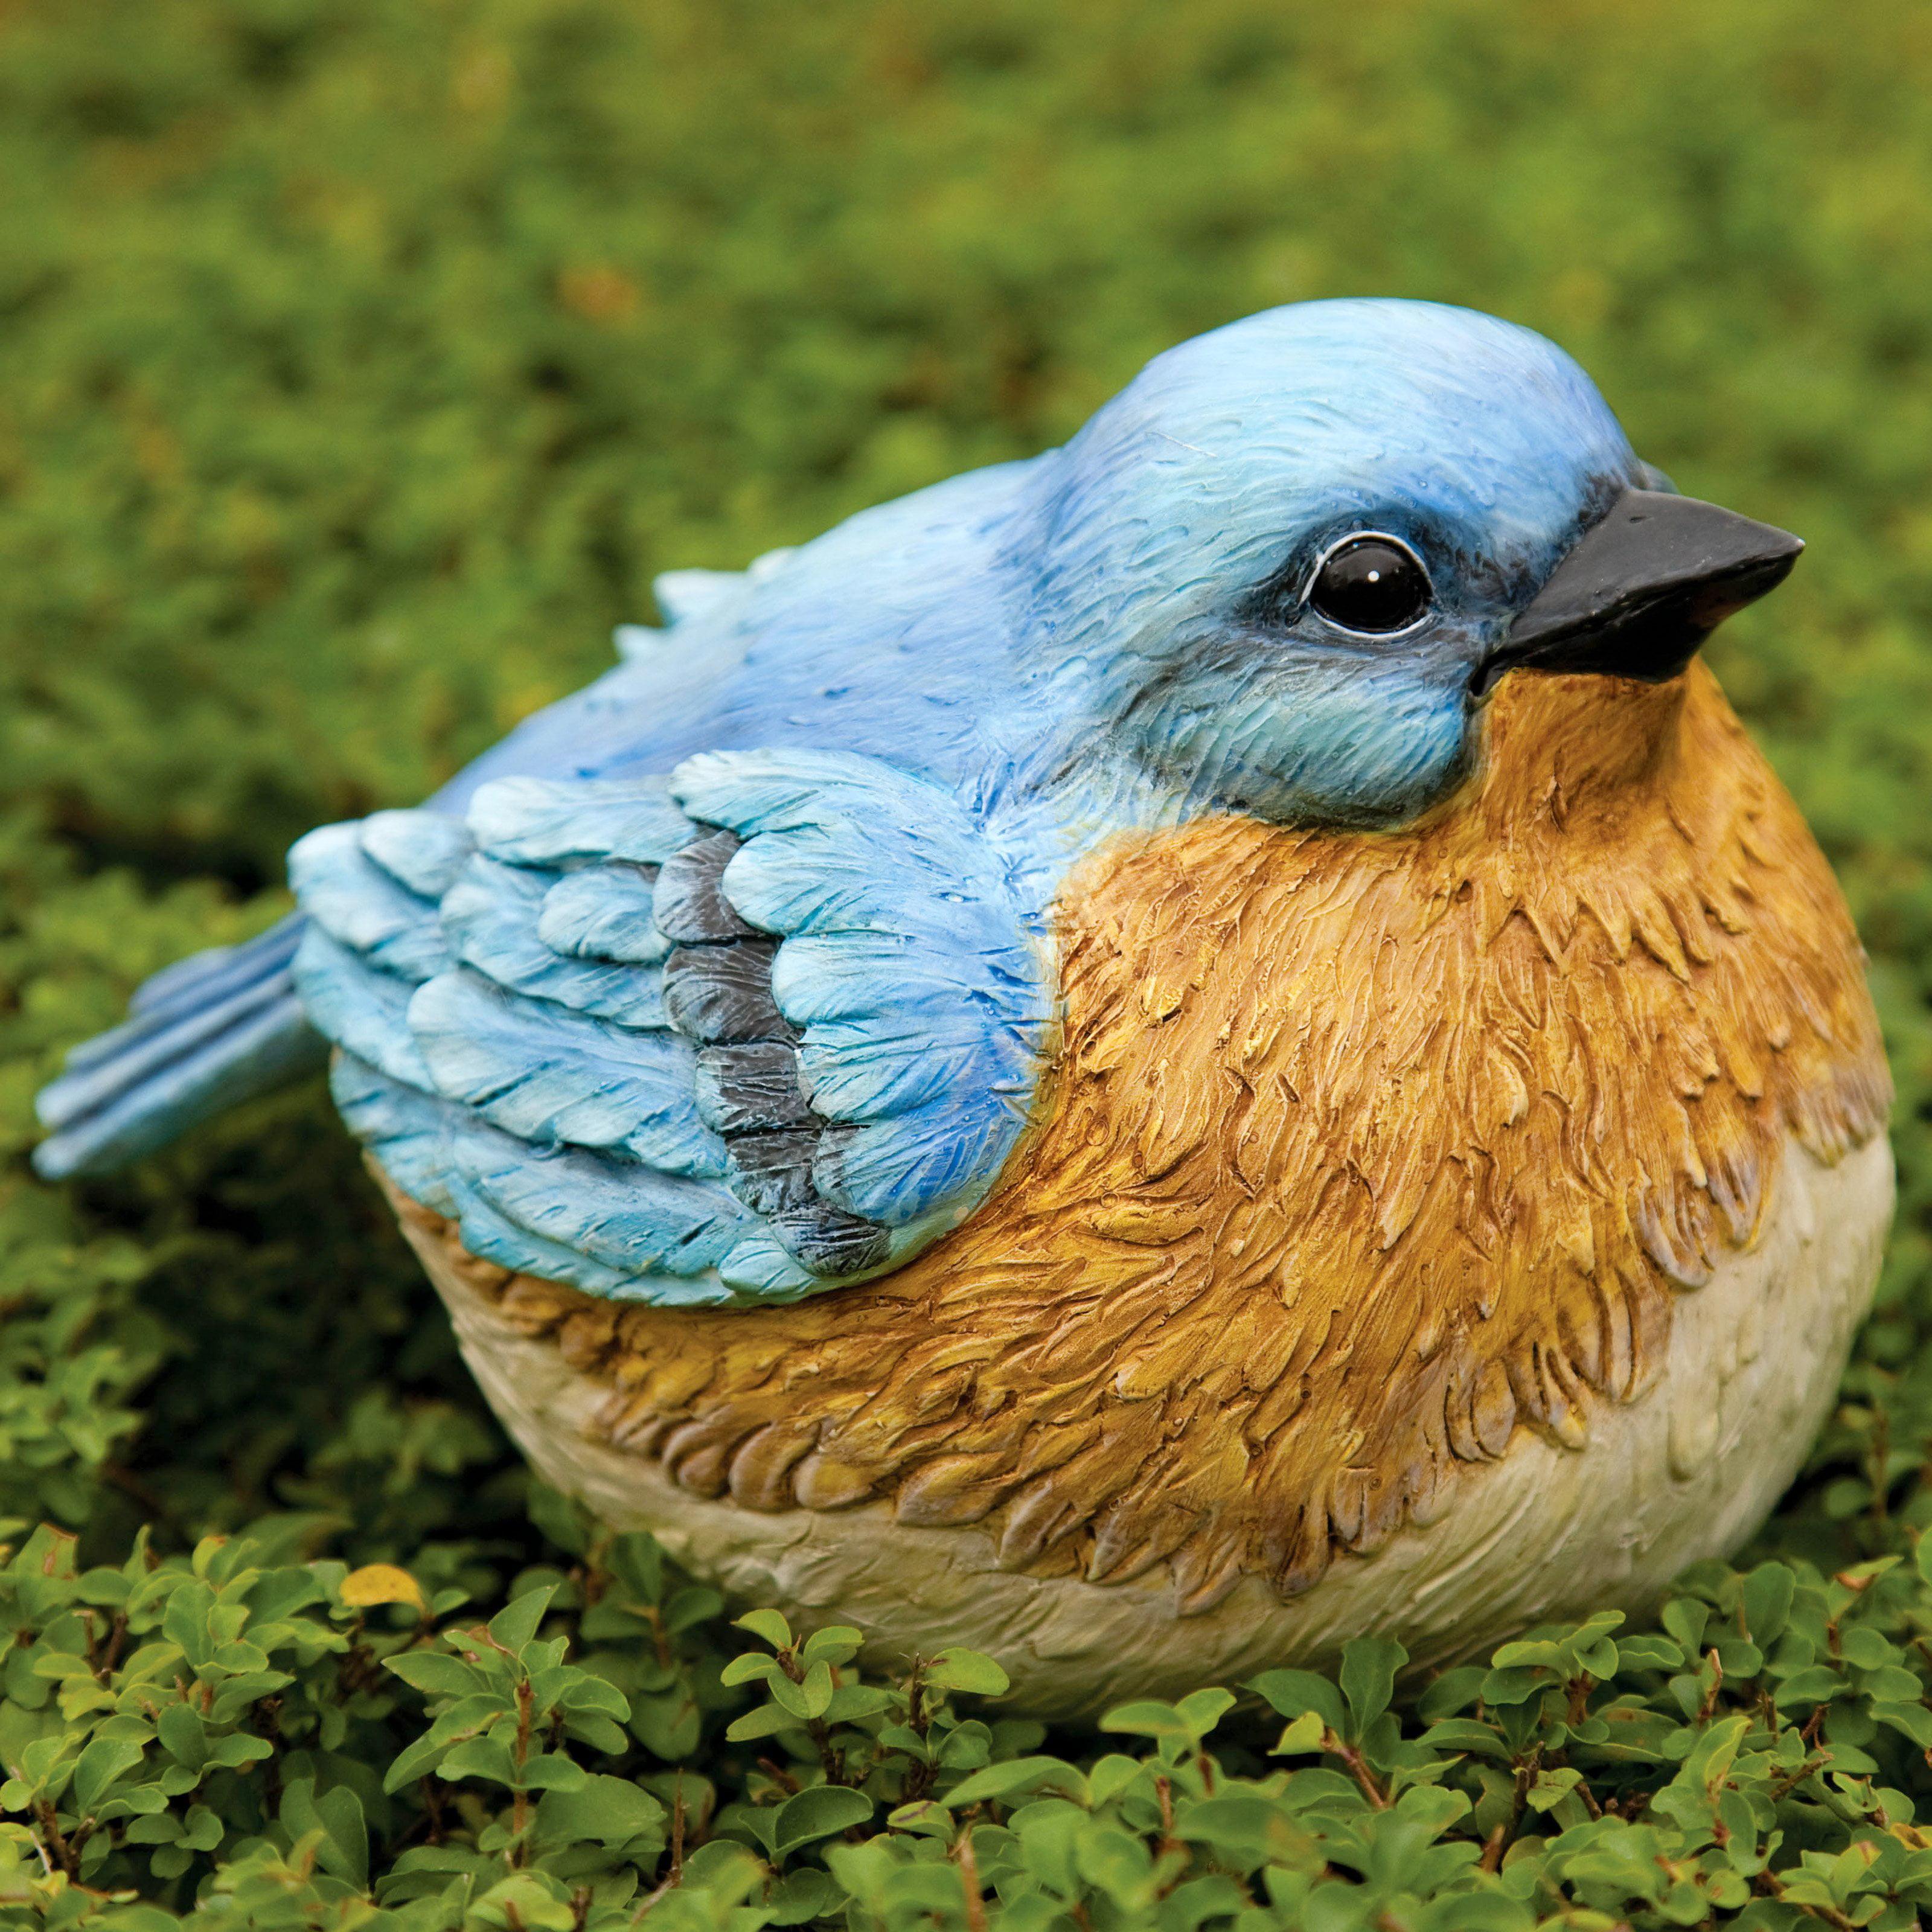 Evergreen Enterprises Bluebird Portly Garden Statue by EVERGREEN ENTERPRISES